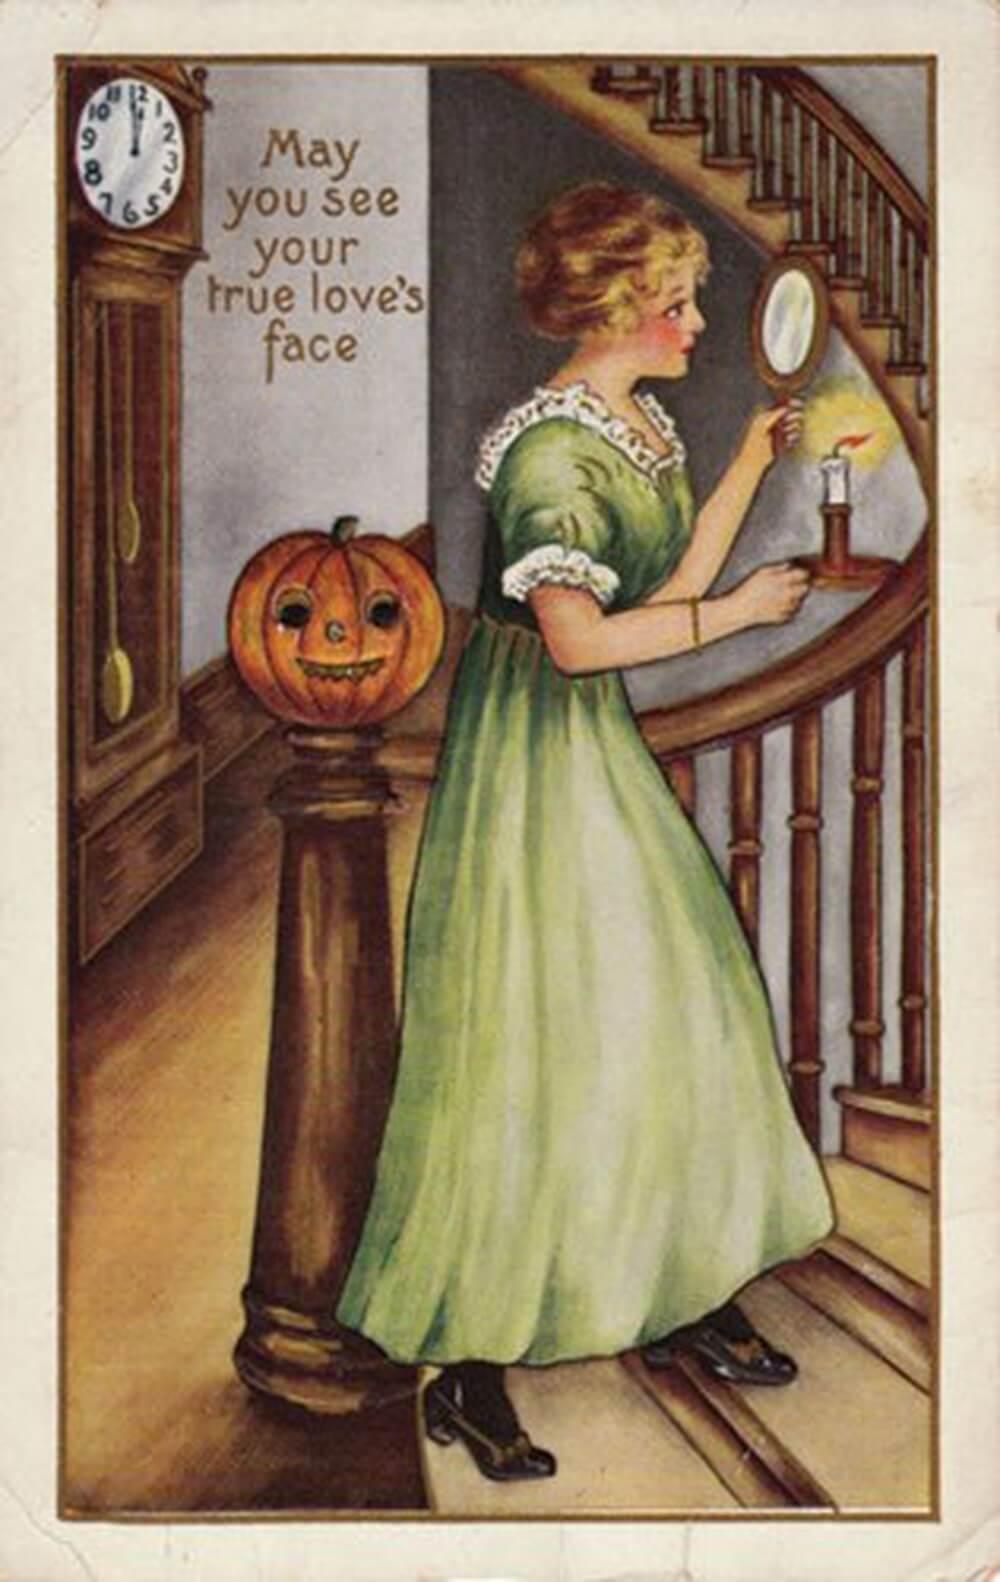 لوحة فنية منشور عن الهالوين يضم فتاة تحمل مرآة وشمعة في ليلة الهالوين ممتطية الدرج في البيت